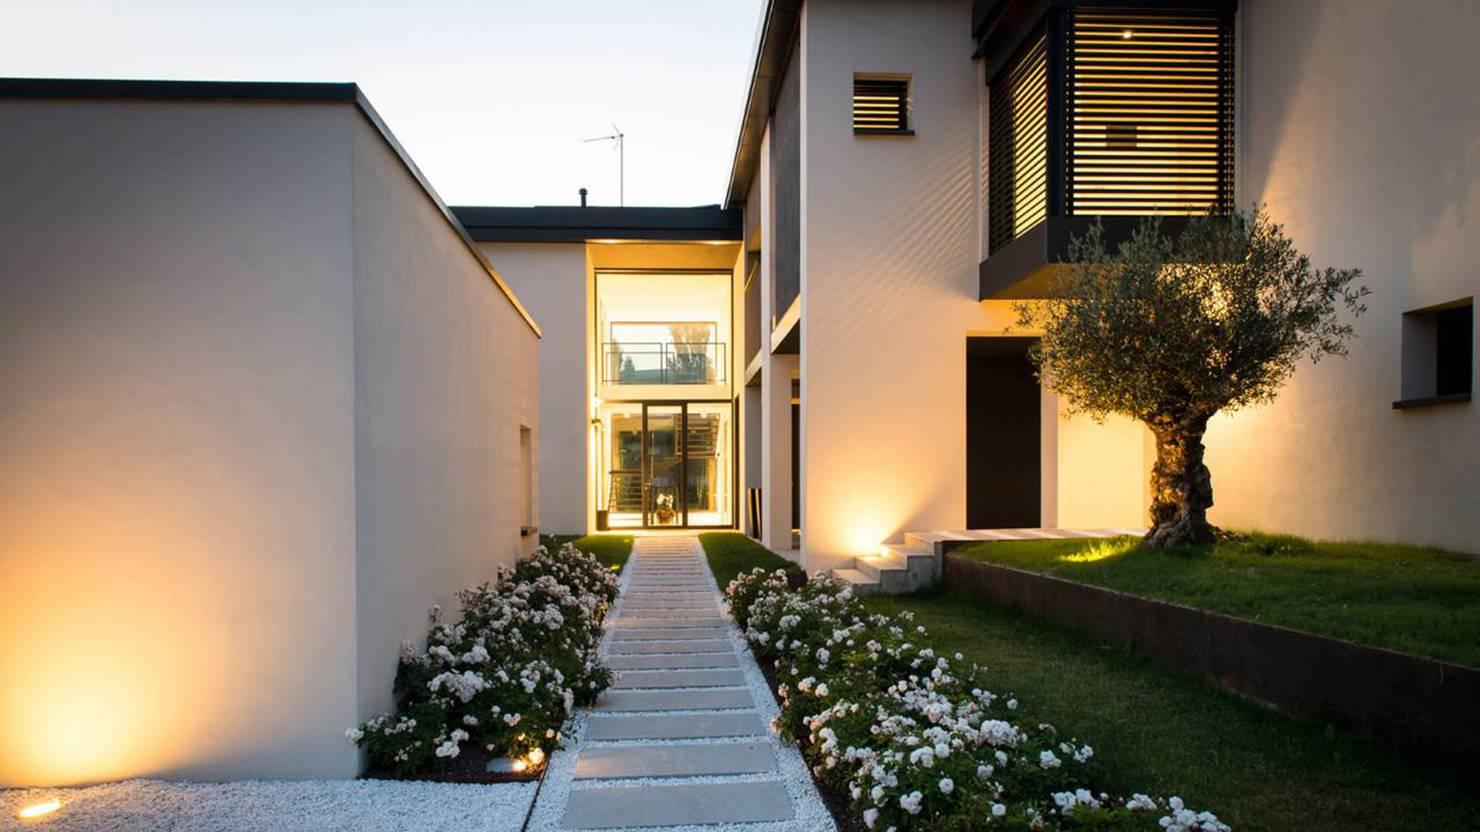 alzante-scorrevole-acciaio-zincato-villa-parma-luca-rutelli-3_project_big